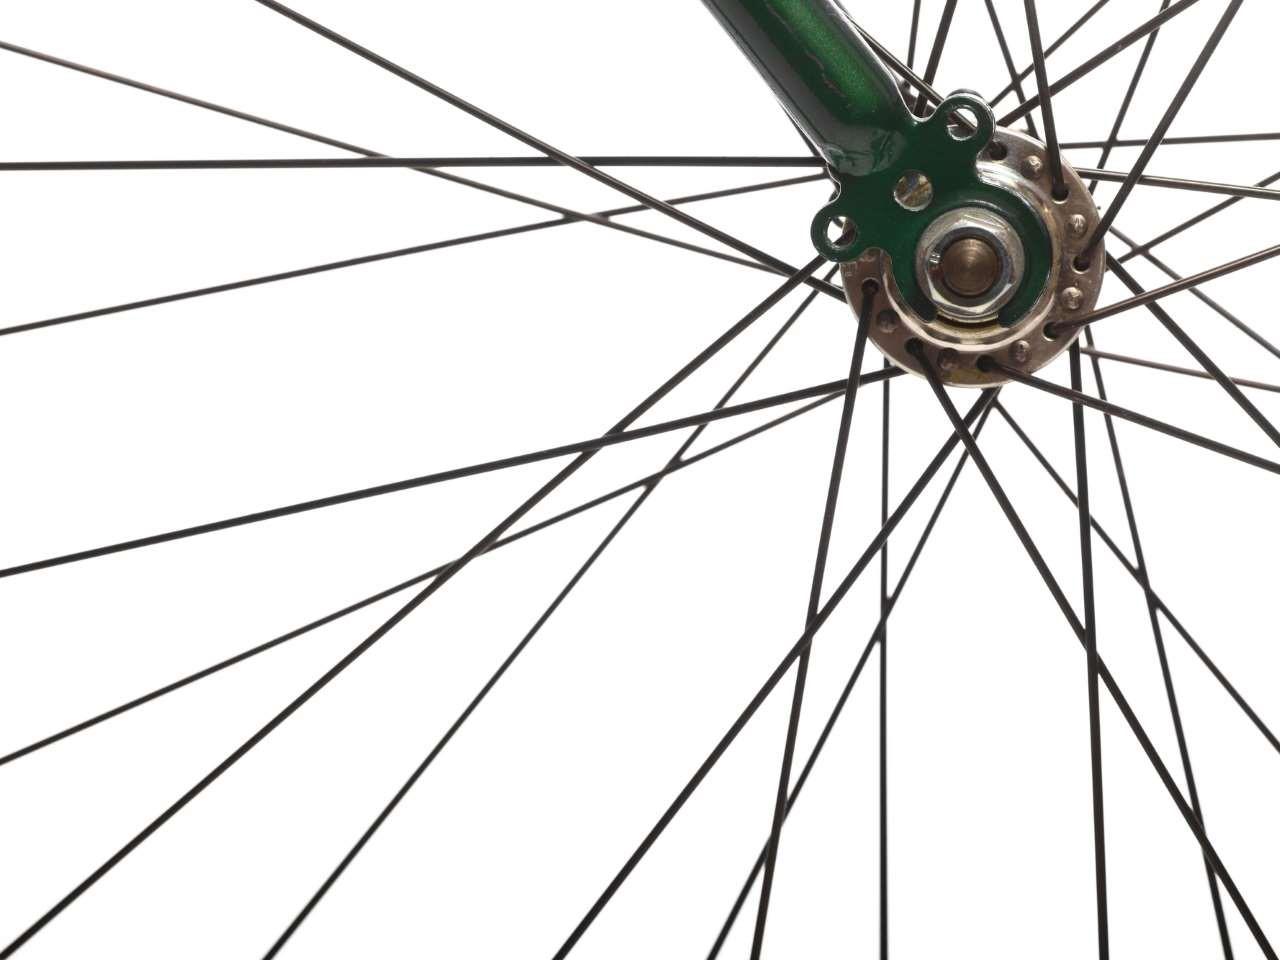 laufrad-mit-fahrradspeichen